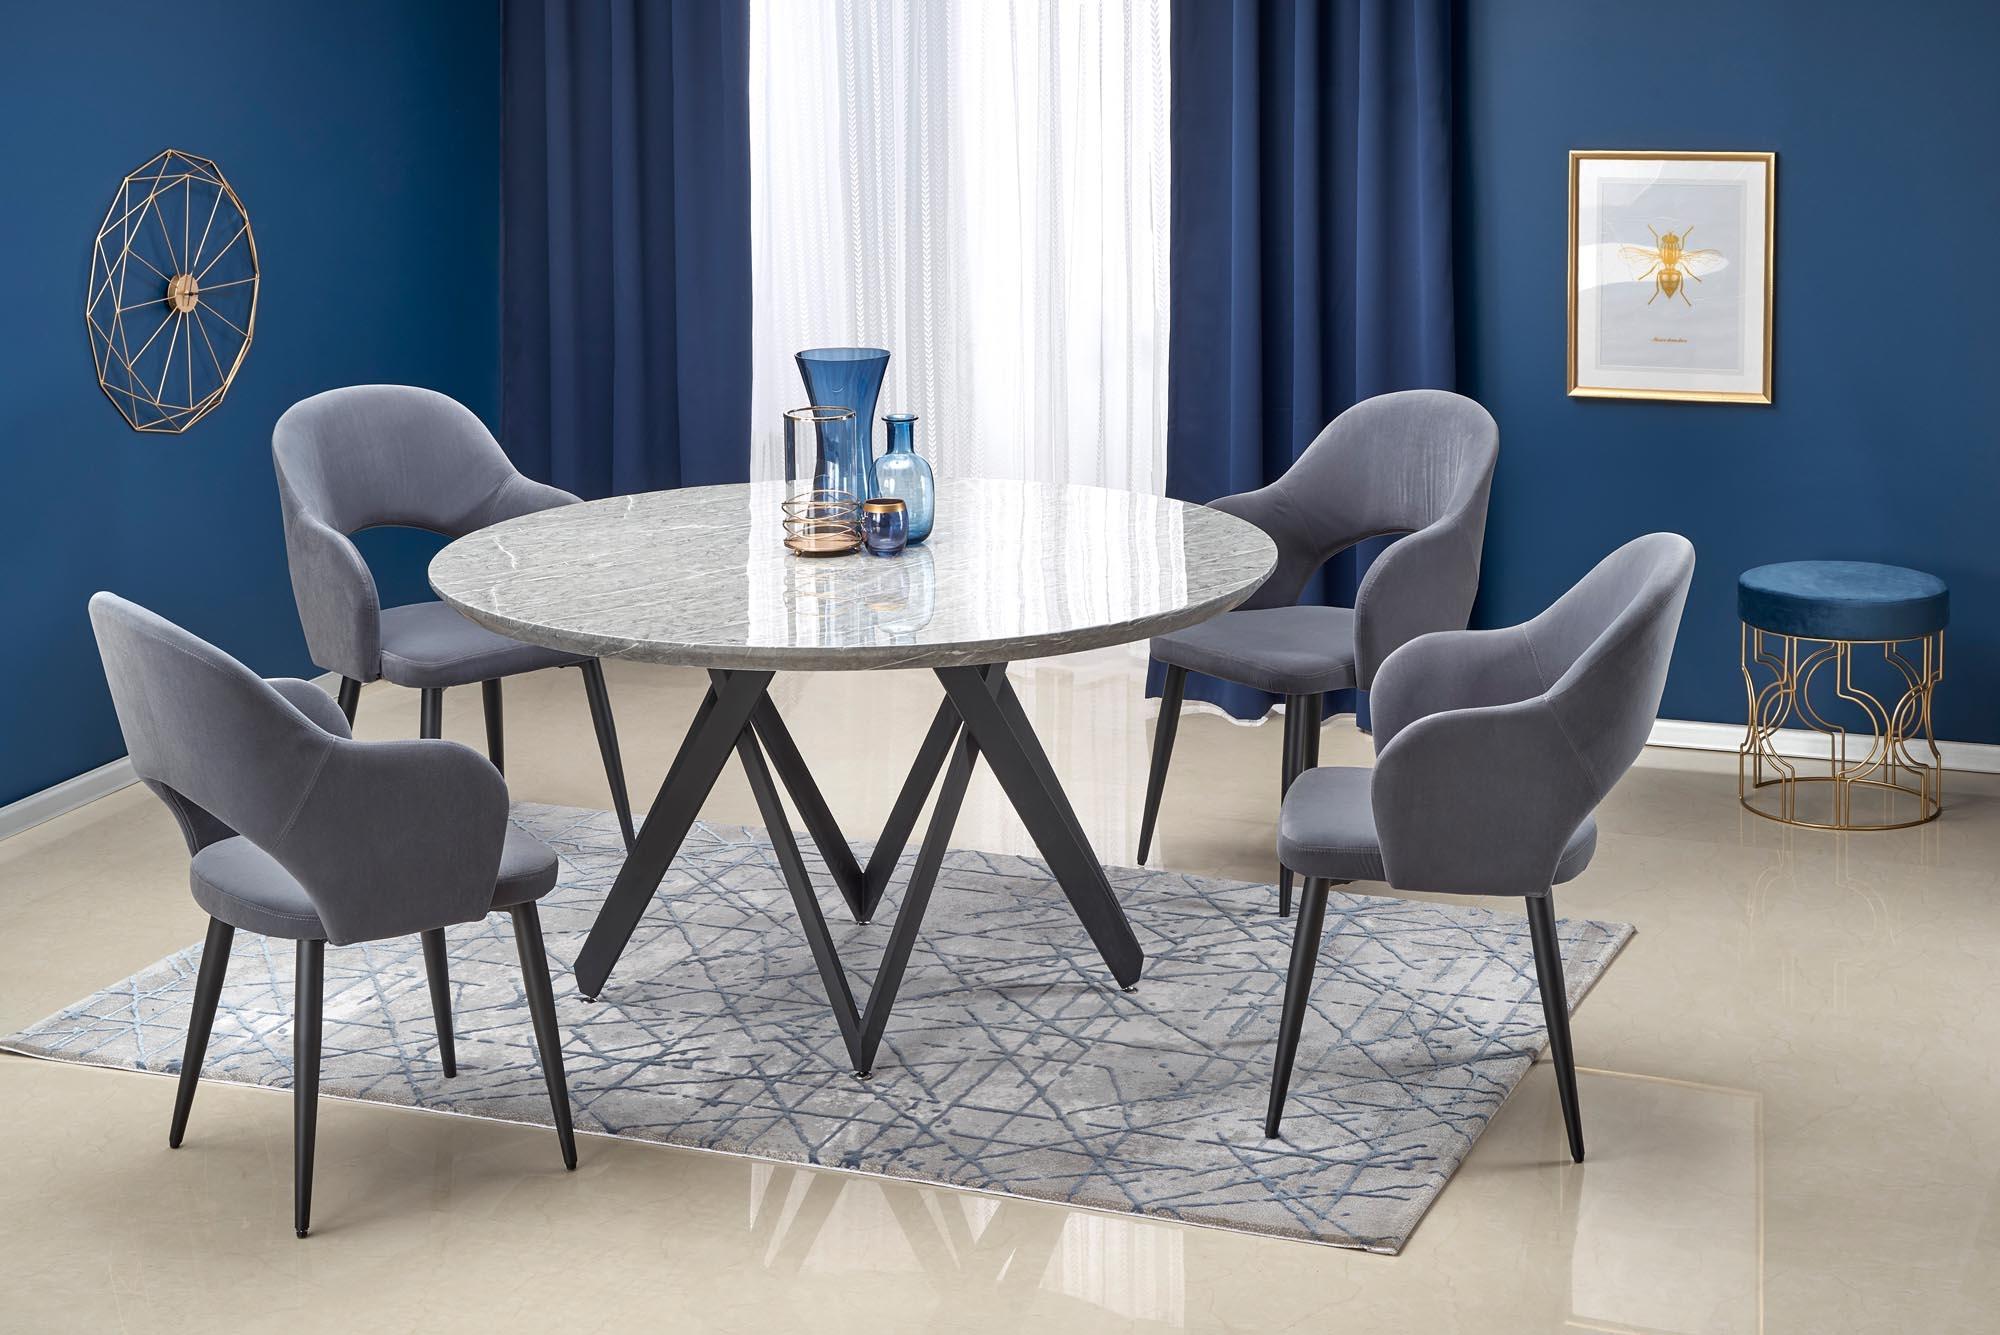 Set masa din MDF si metal Gustimo Gri / Negru + 4 scaune tapitate cu stofa K364 Gri / Negru, Ø140xH77 cm imagine